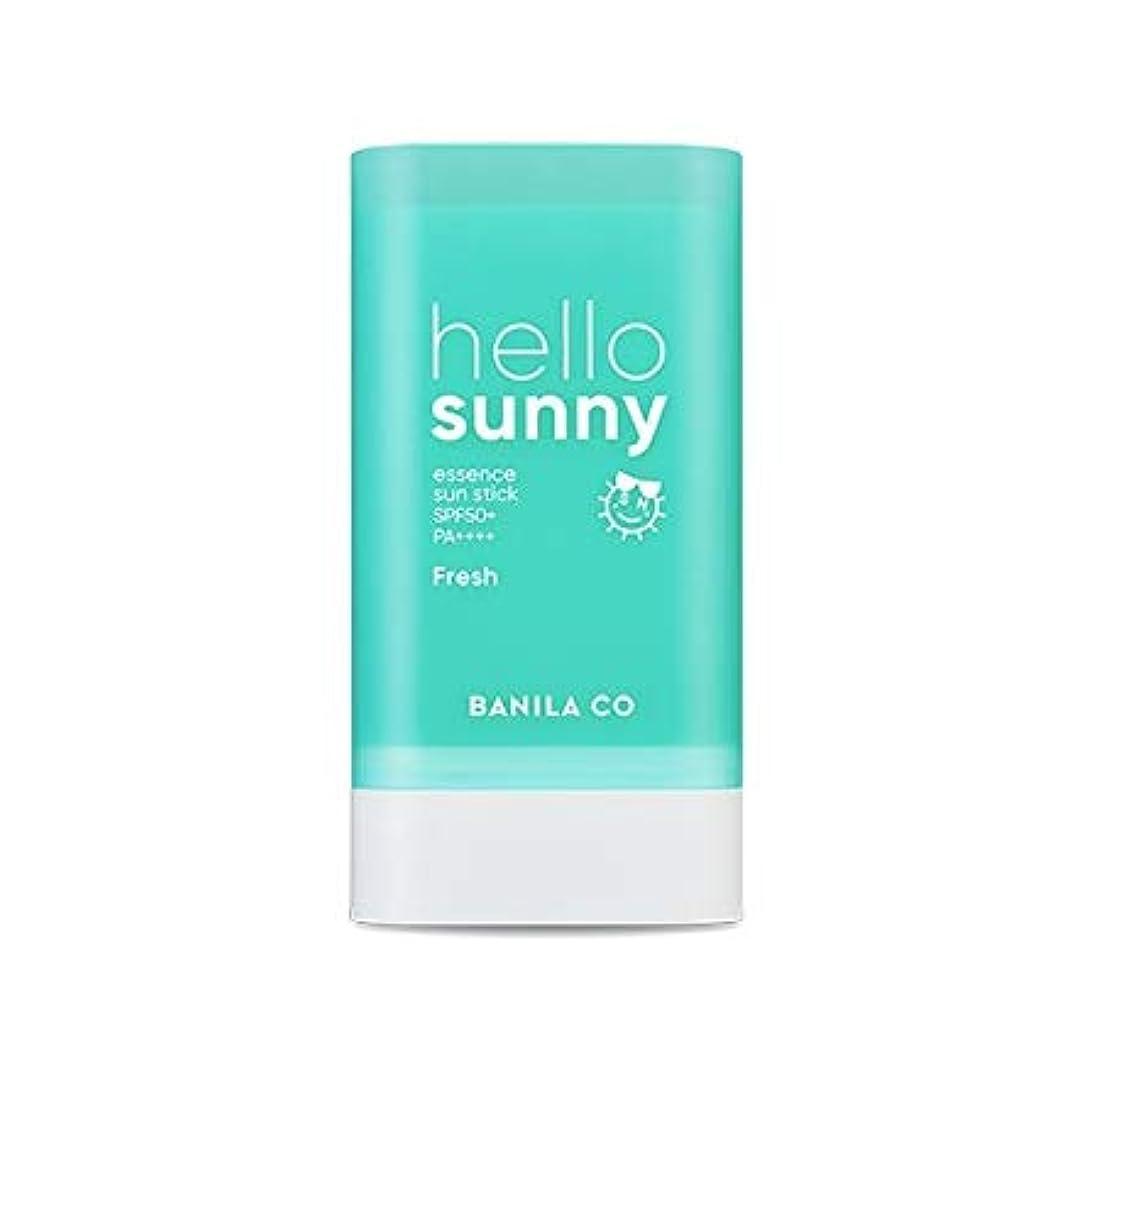 霜口径圧倒的banilaco ハローサニーエッセンスサンスティックフレッシュ/Hello Sunny Essence SunStick Fresh 18.5g [並行輸入品]